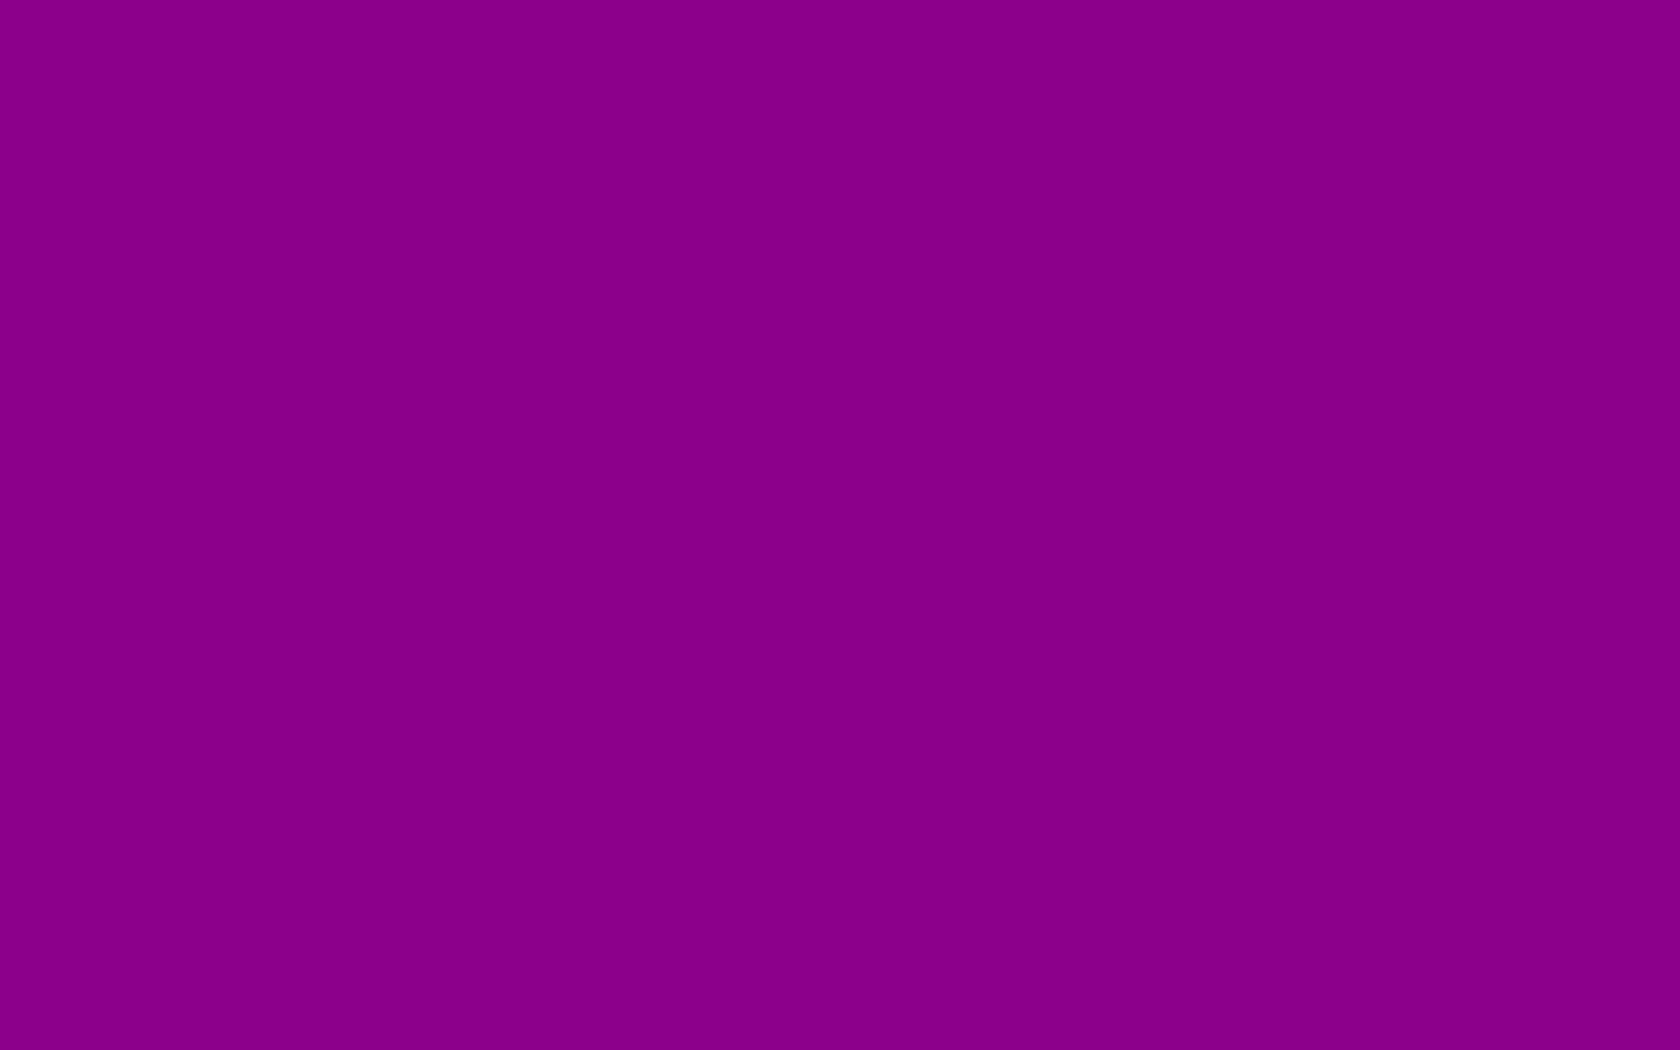 1680x1050 Dark Magenta Solid Color Background